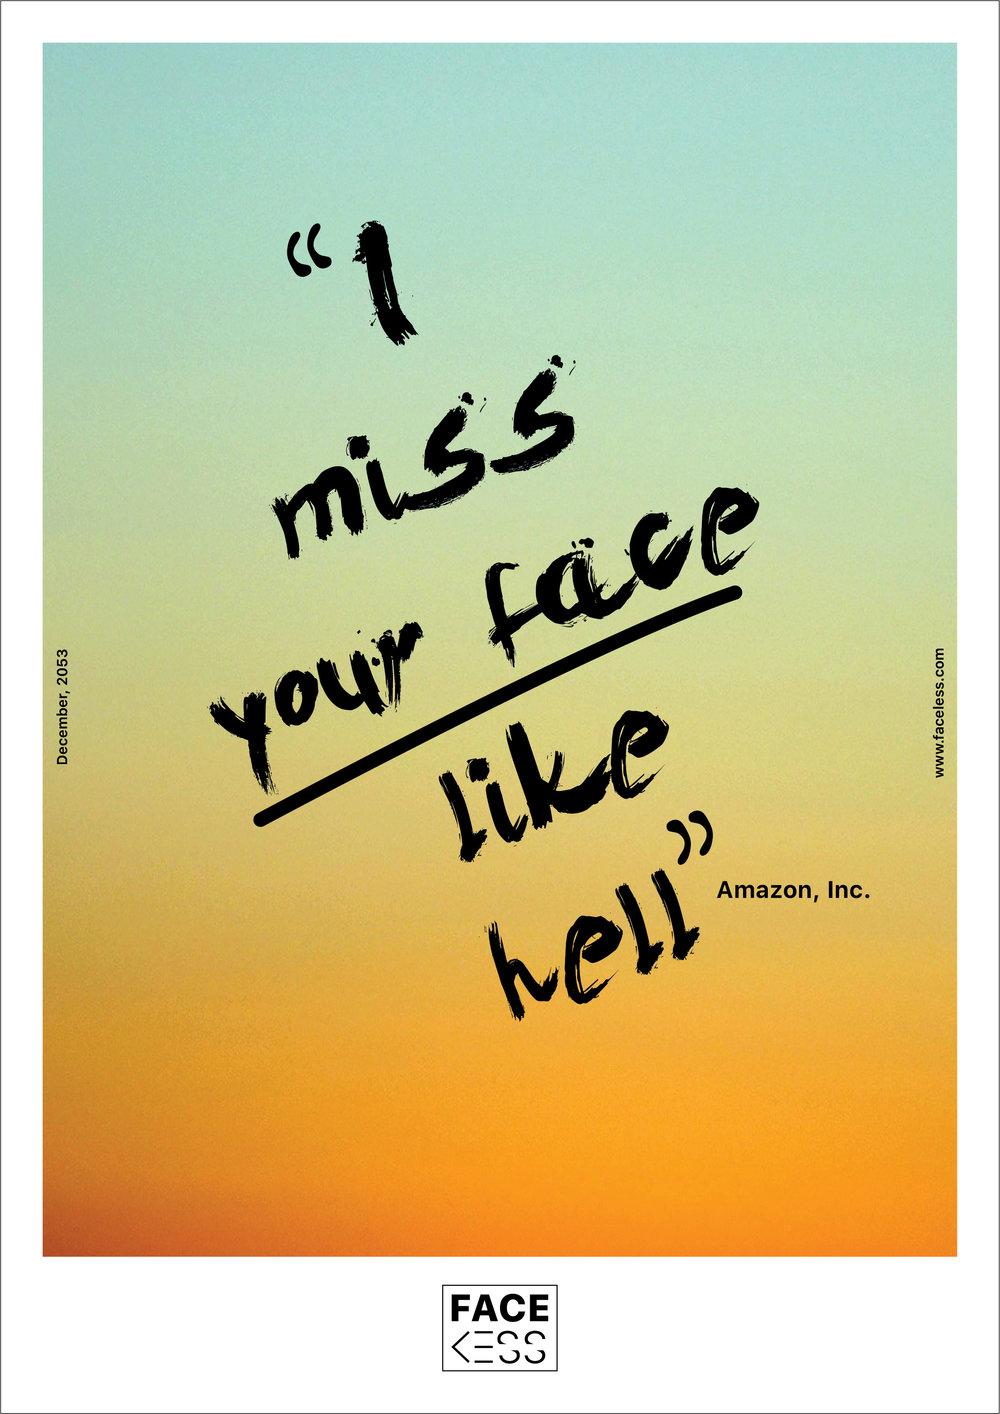 Faceless_Poster_1.jpg